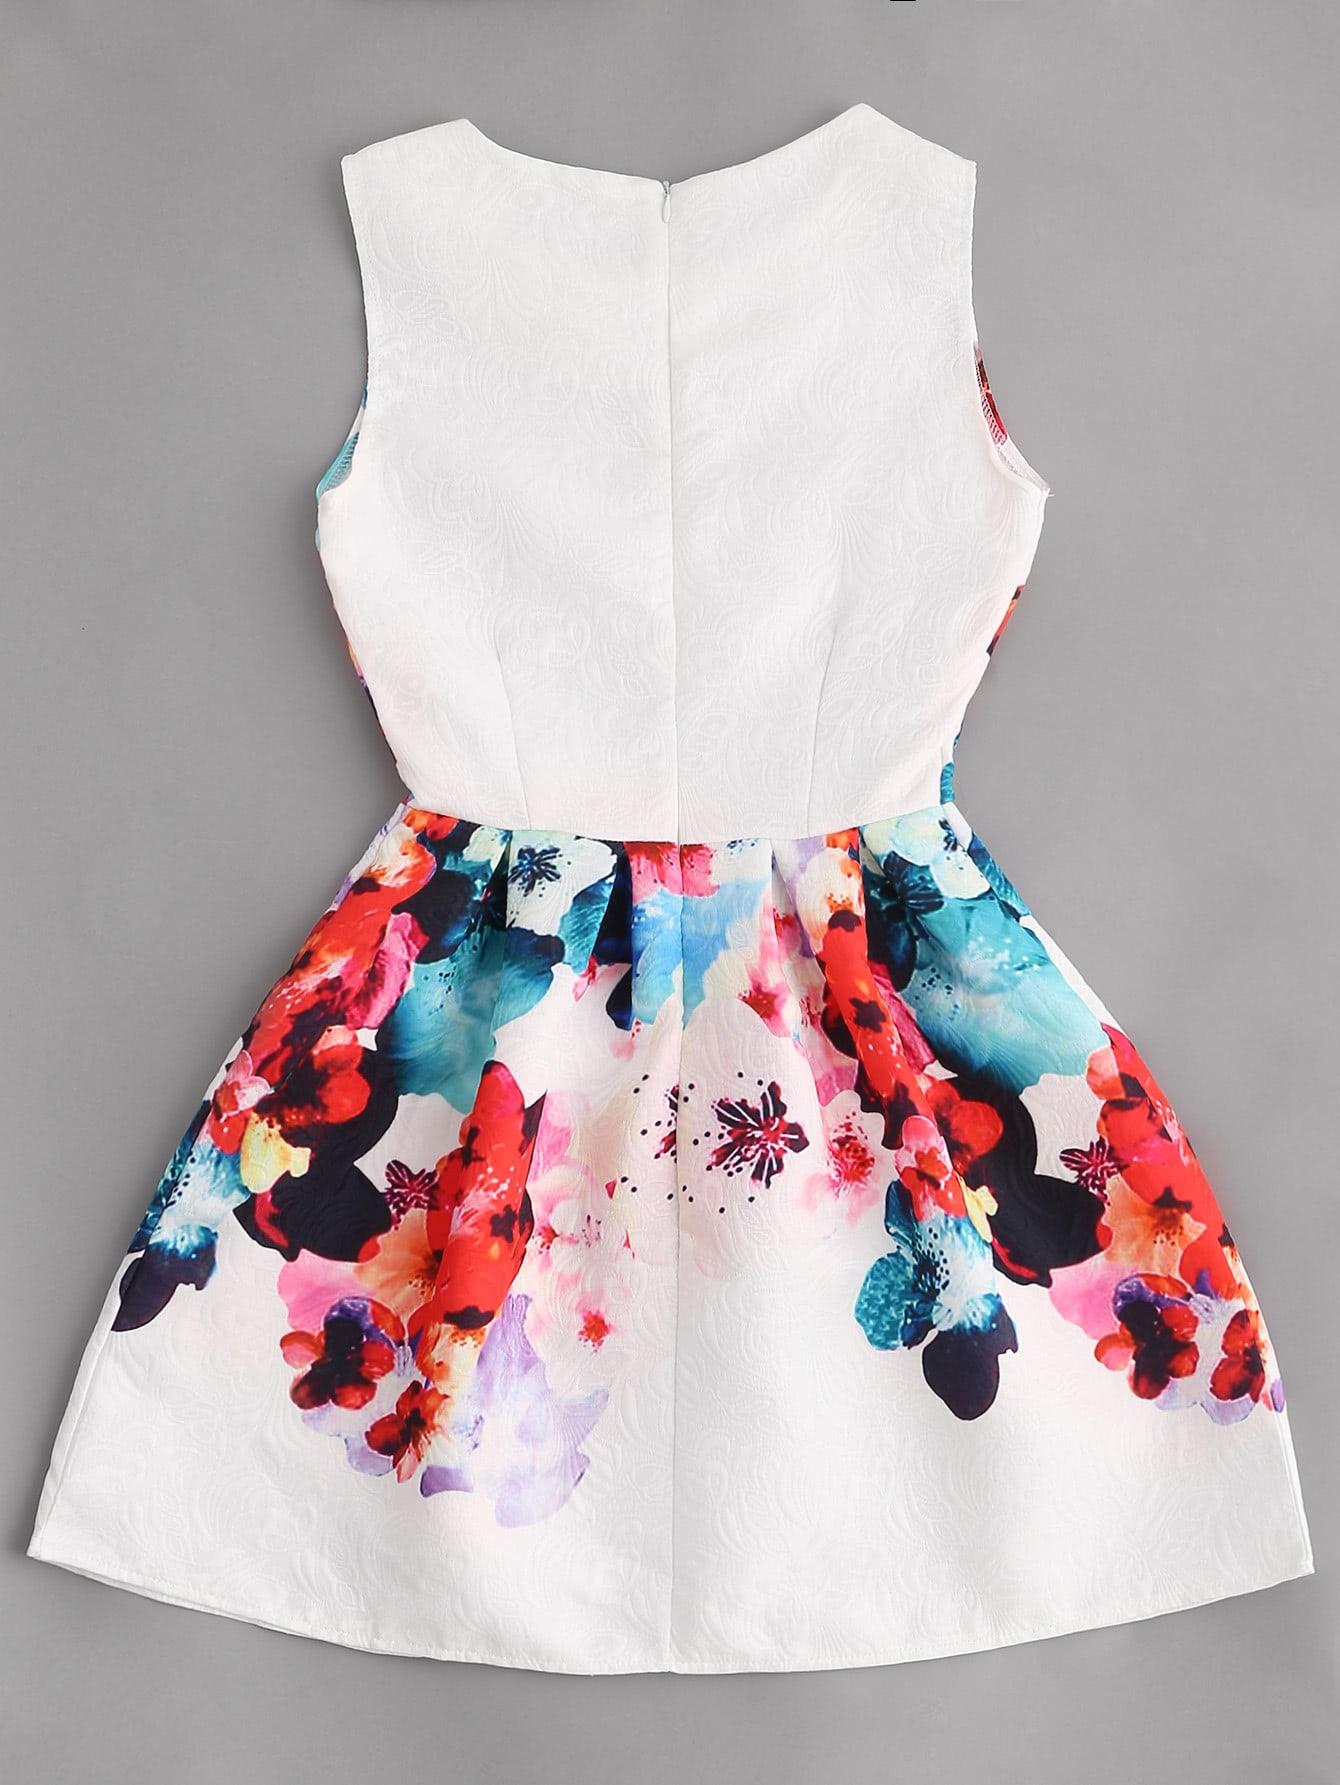 dress170413101_2